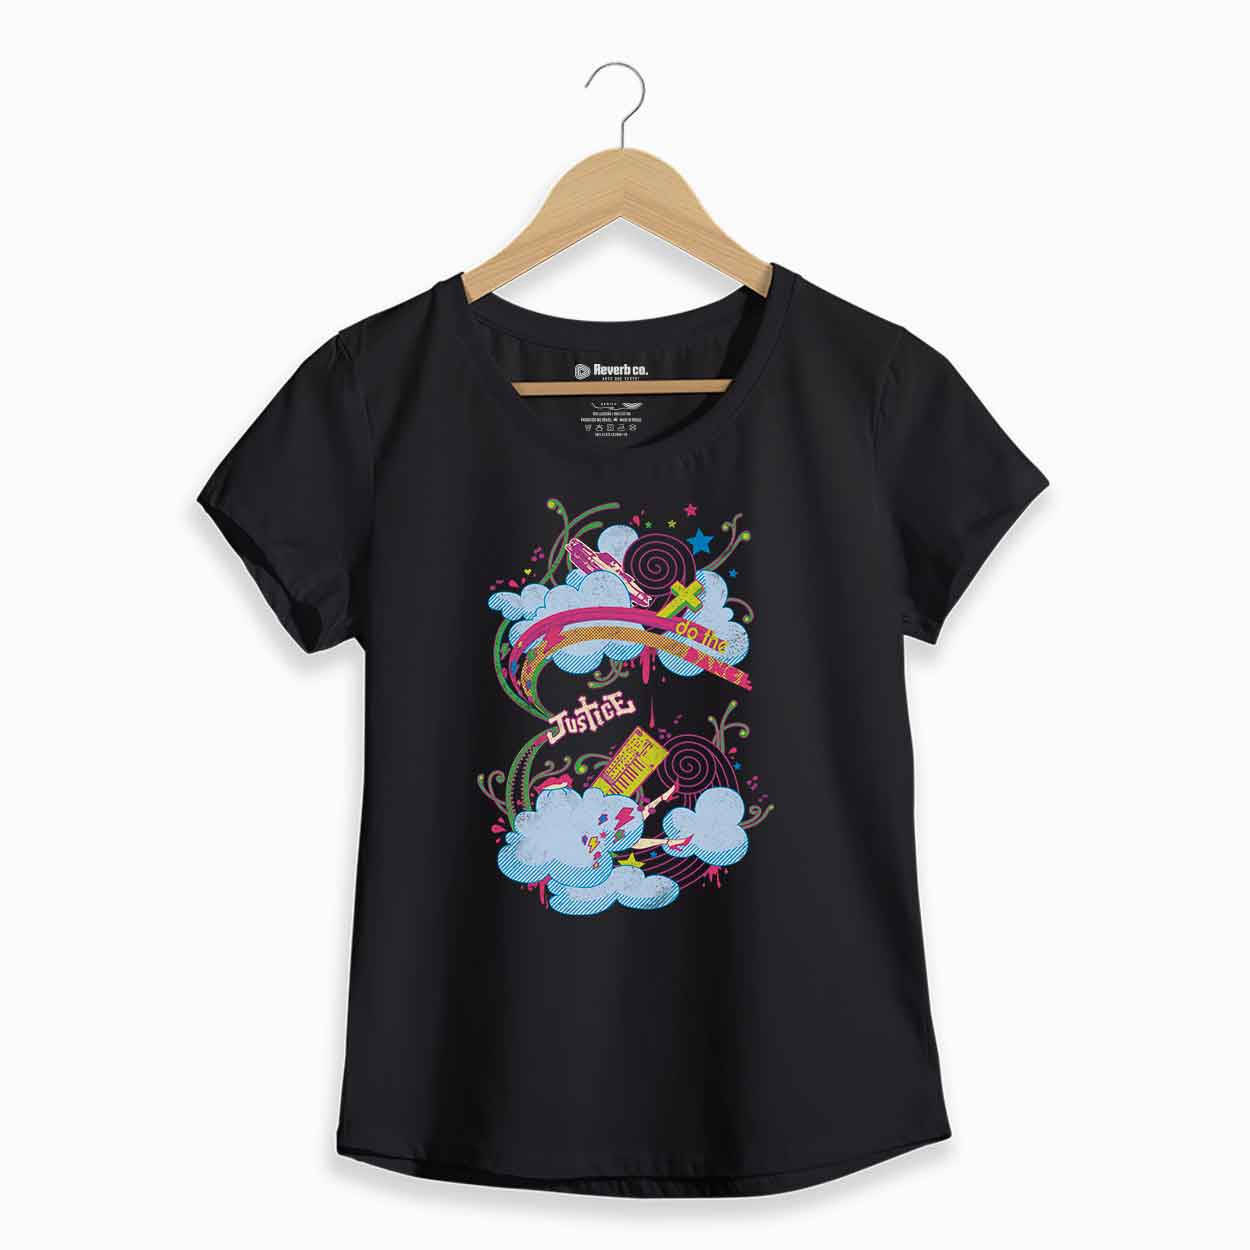 Camiseta Justice - Feminino